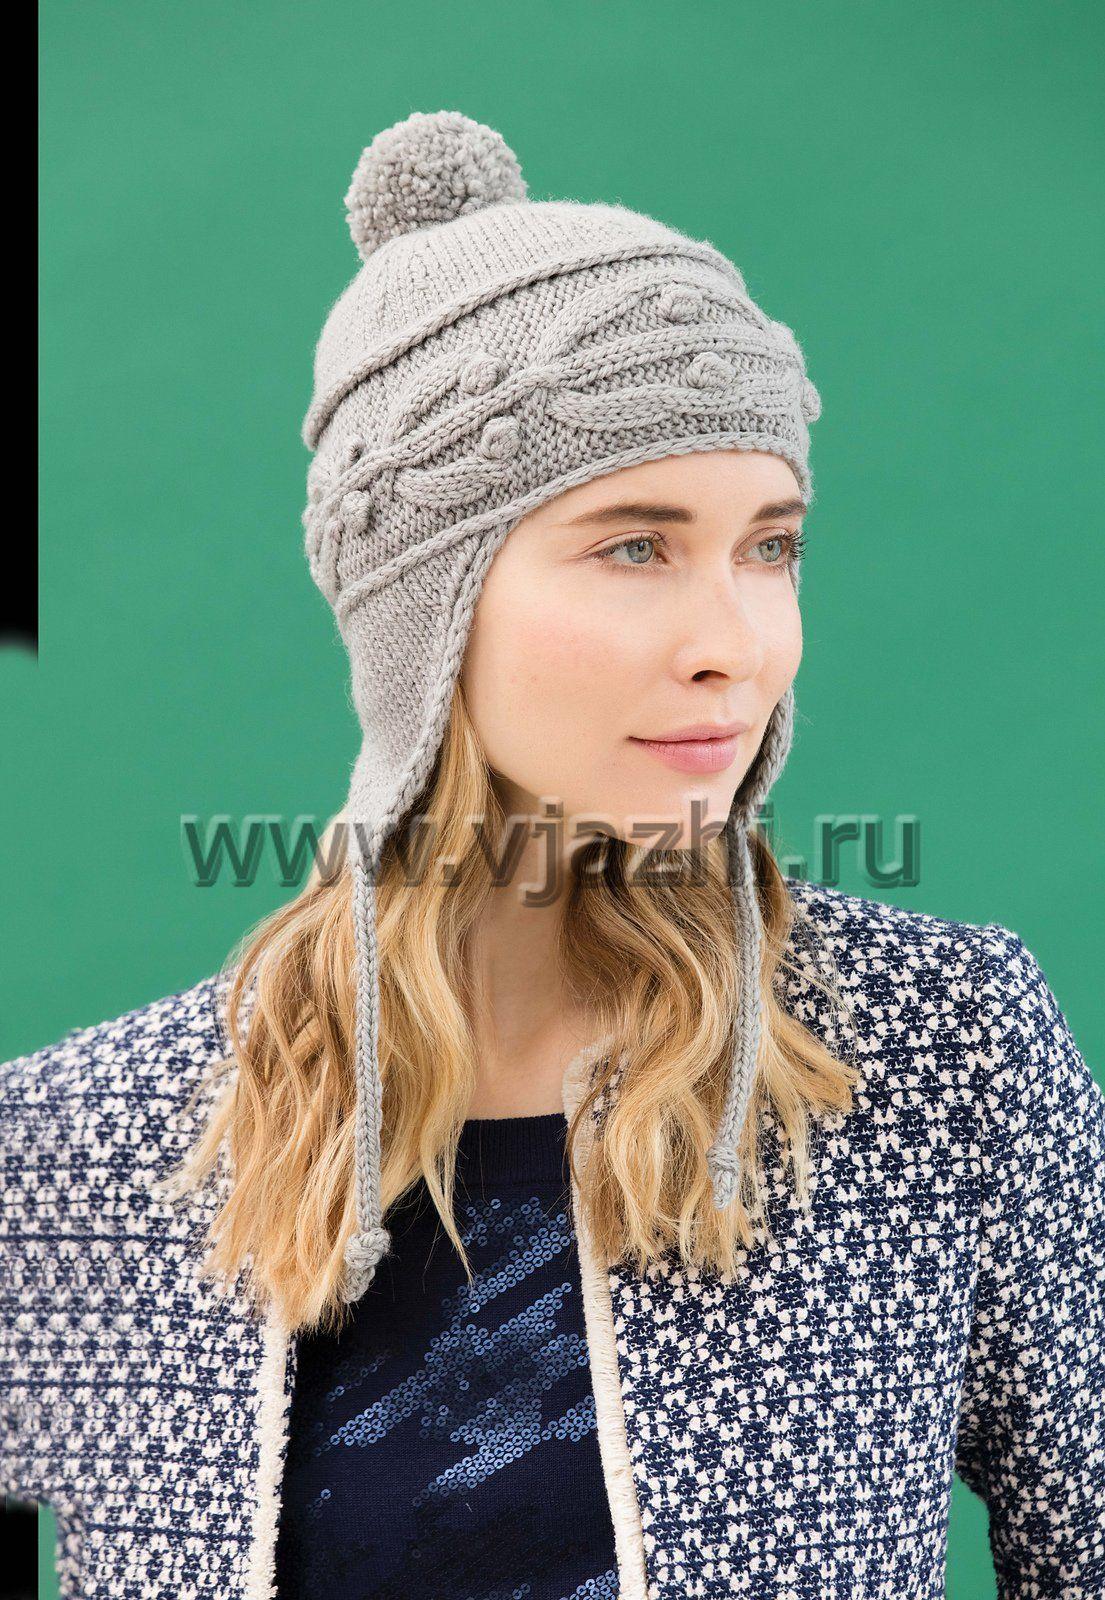 шапки женские вязаные спицами осень 2013 схемы описание